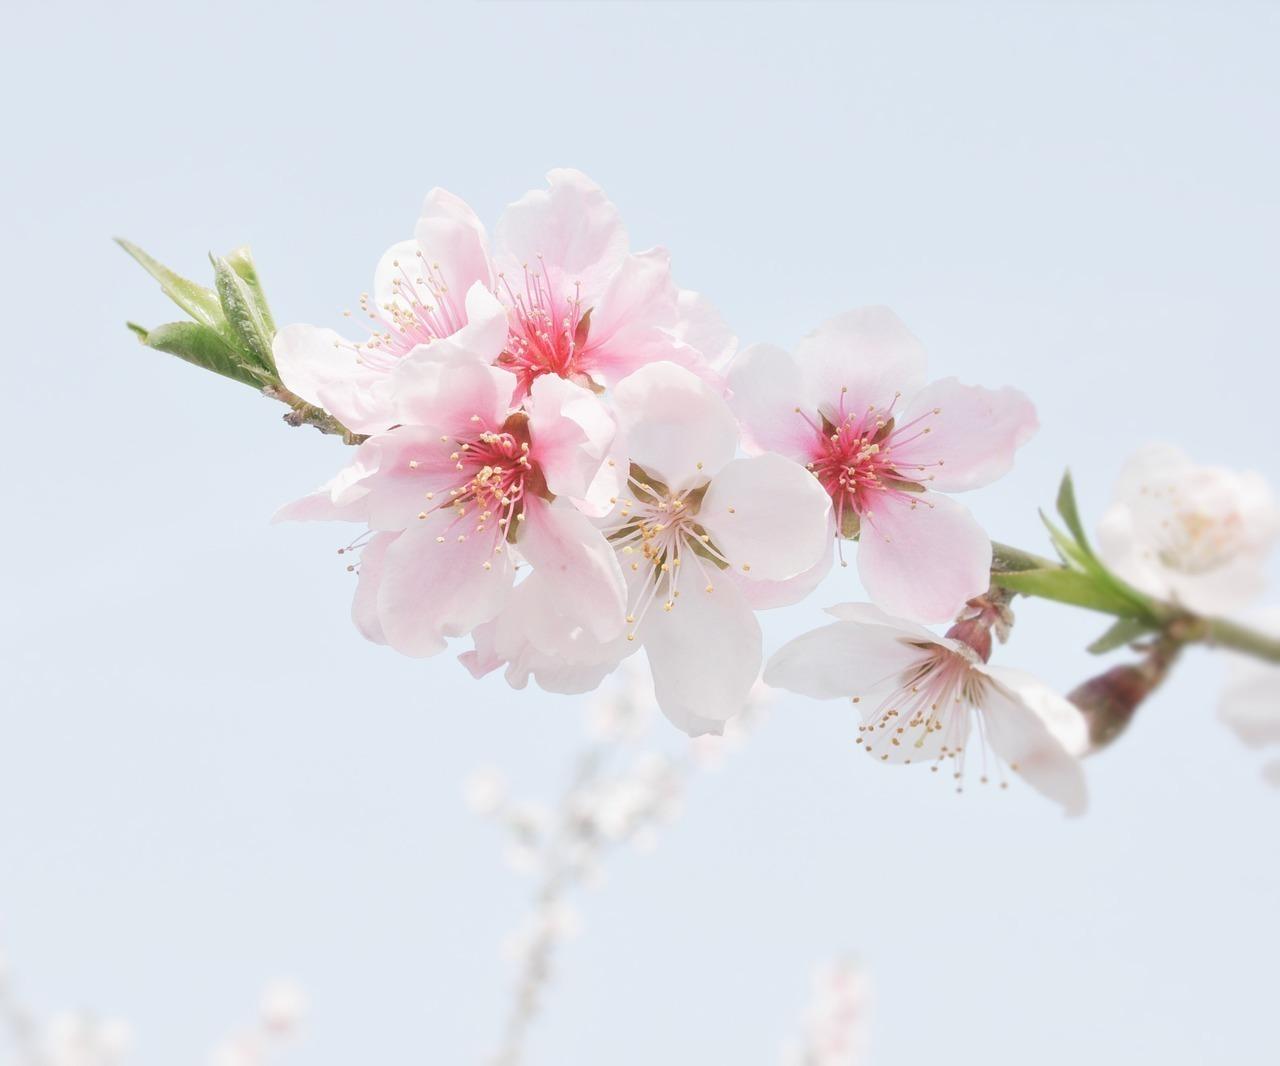 上巳の節句が「桃の節句」と言われる由来は?